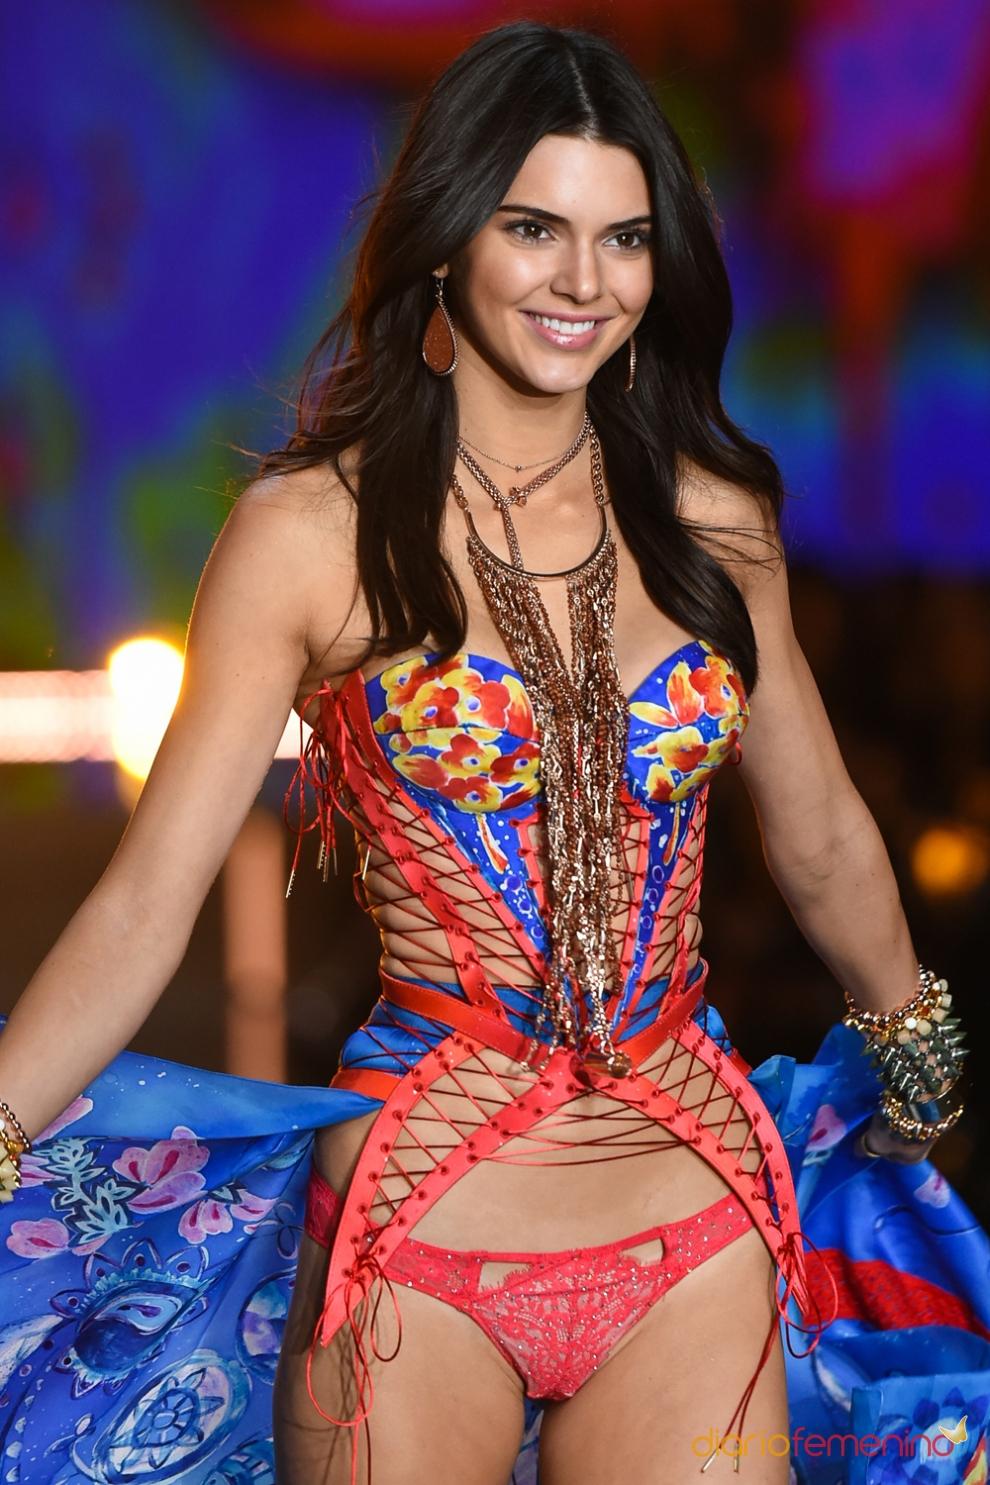 Horóscopo de Victoria's Secret: el signo de Kendall Jenner